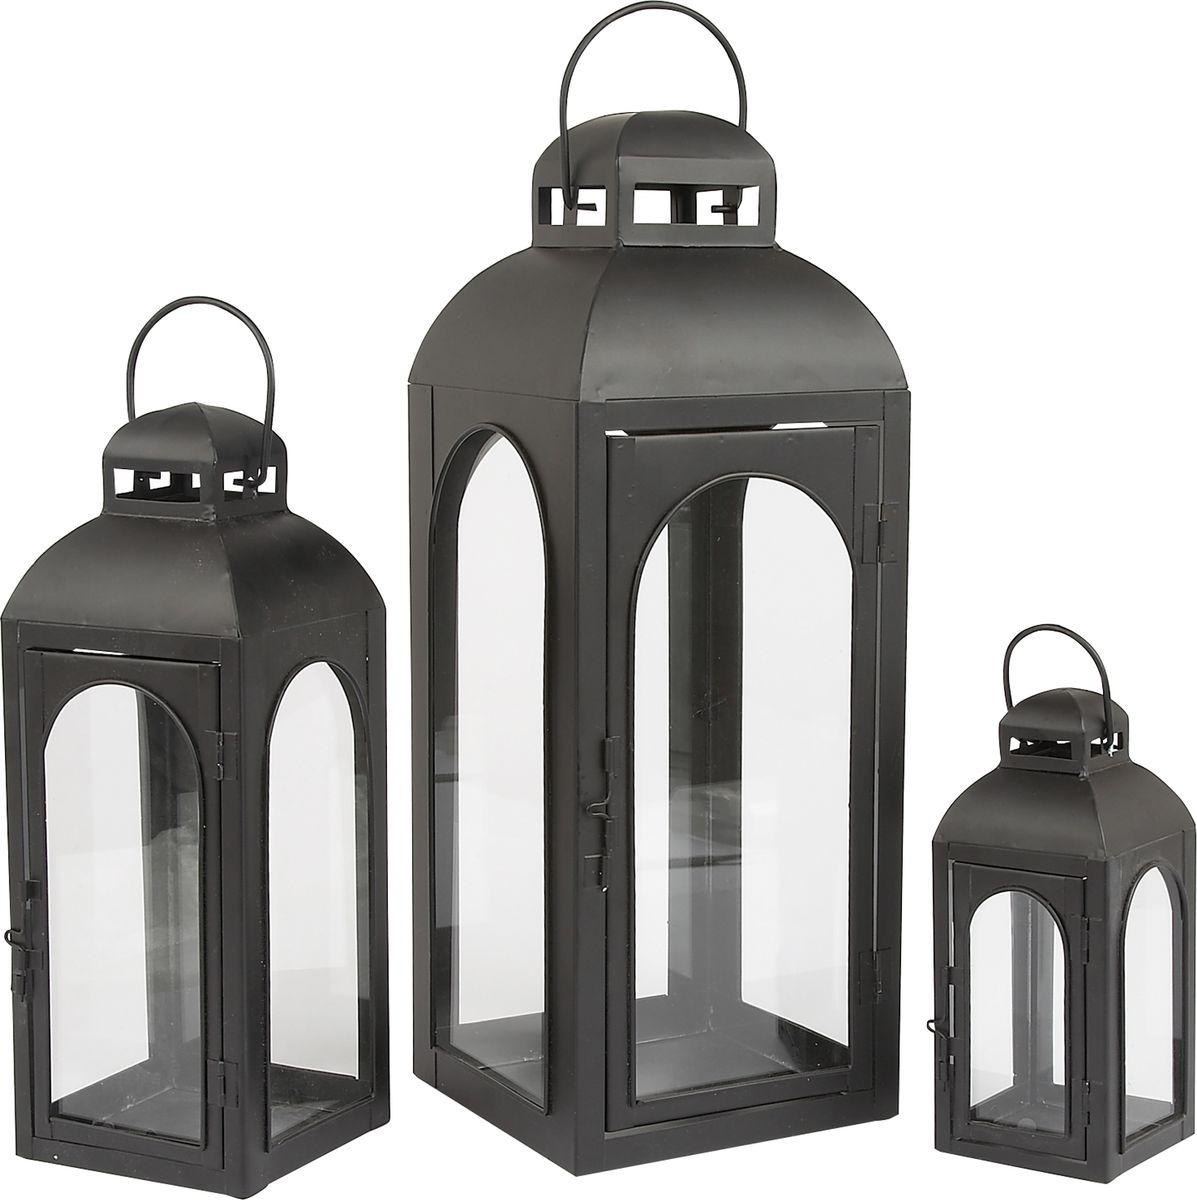 Набор фонарей Gardman, 3 шт, 45 см, 32 см, 20 см531-401Набор из трех подсвечников станет прекрасным украшением вашего дома или сада. Подходит для чайных и прямых свечей. Свечи в комплект не включены.